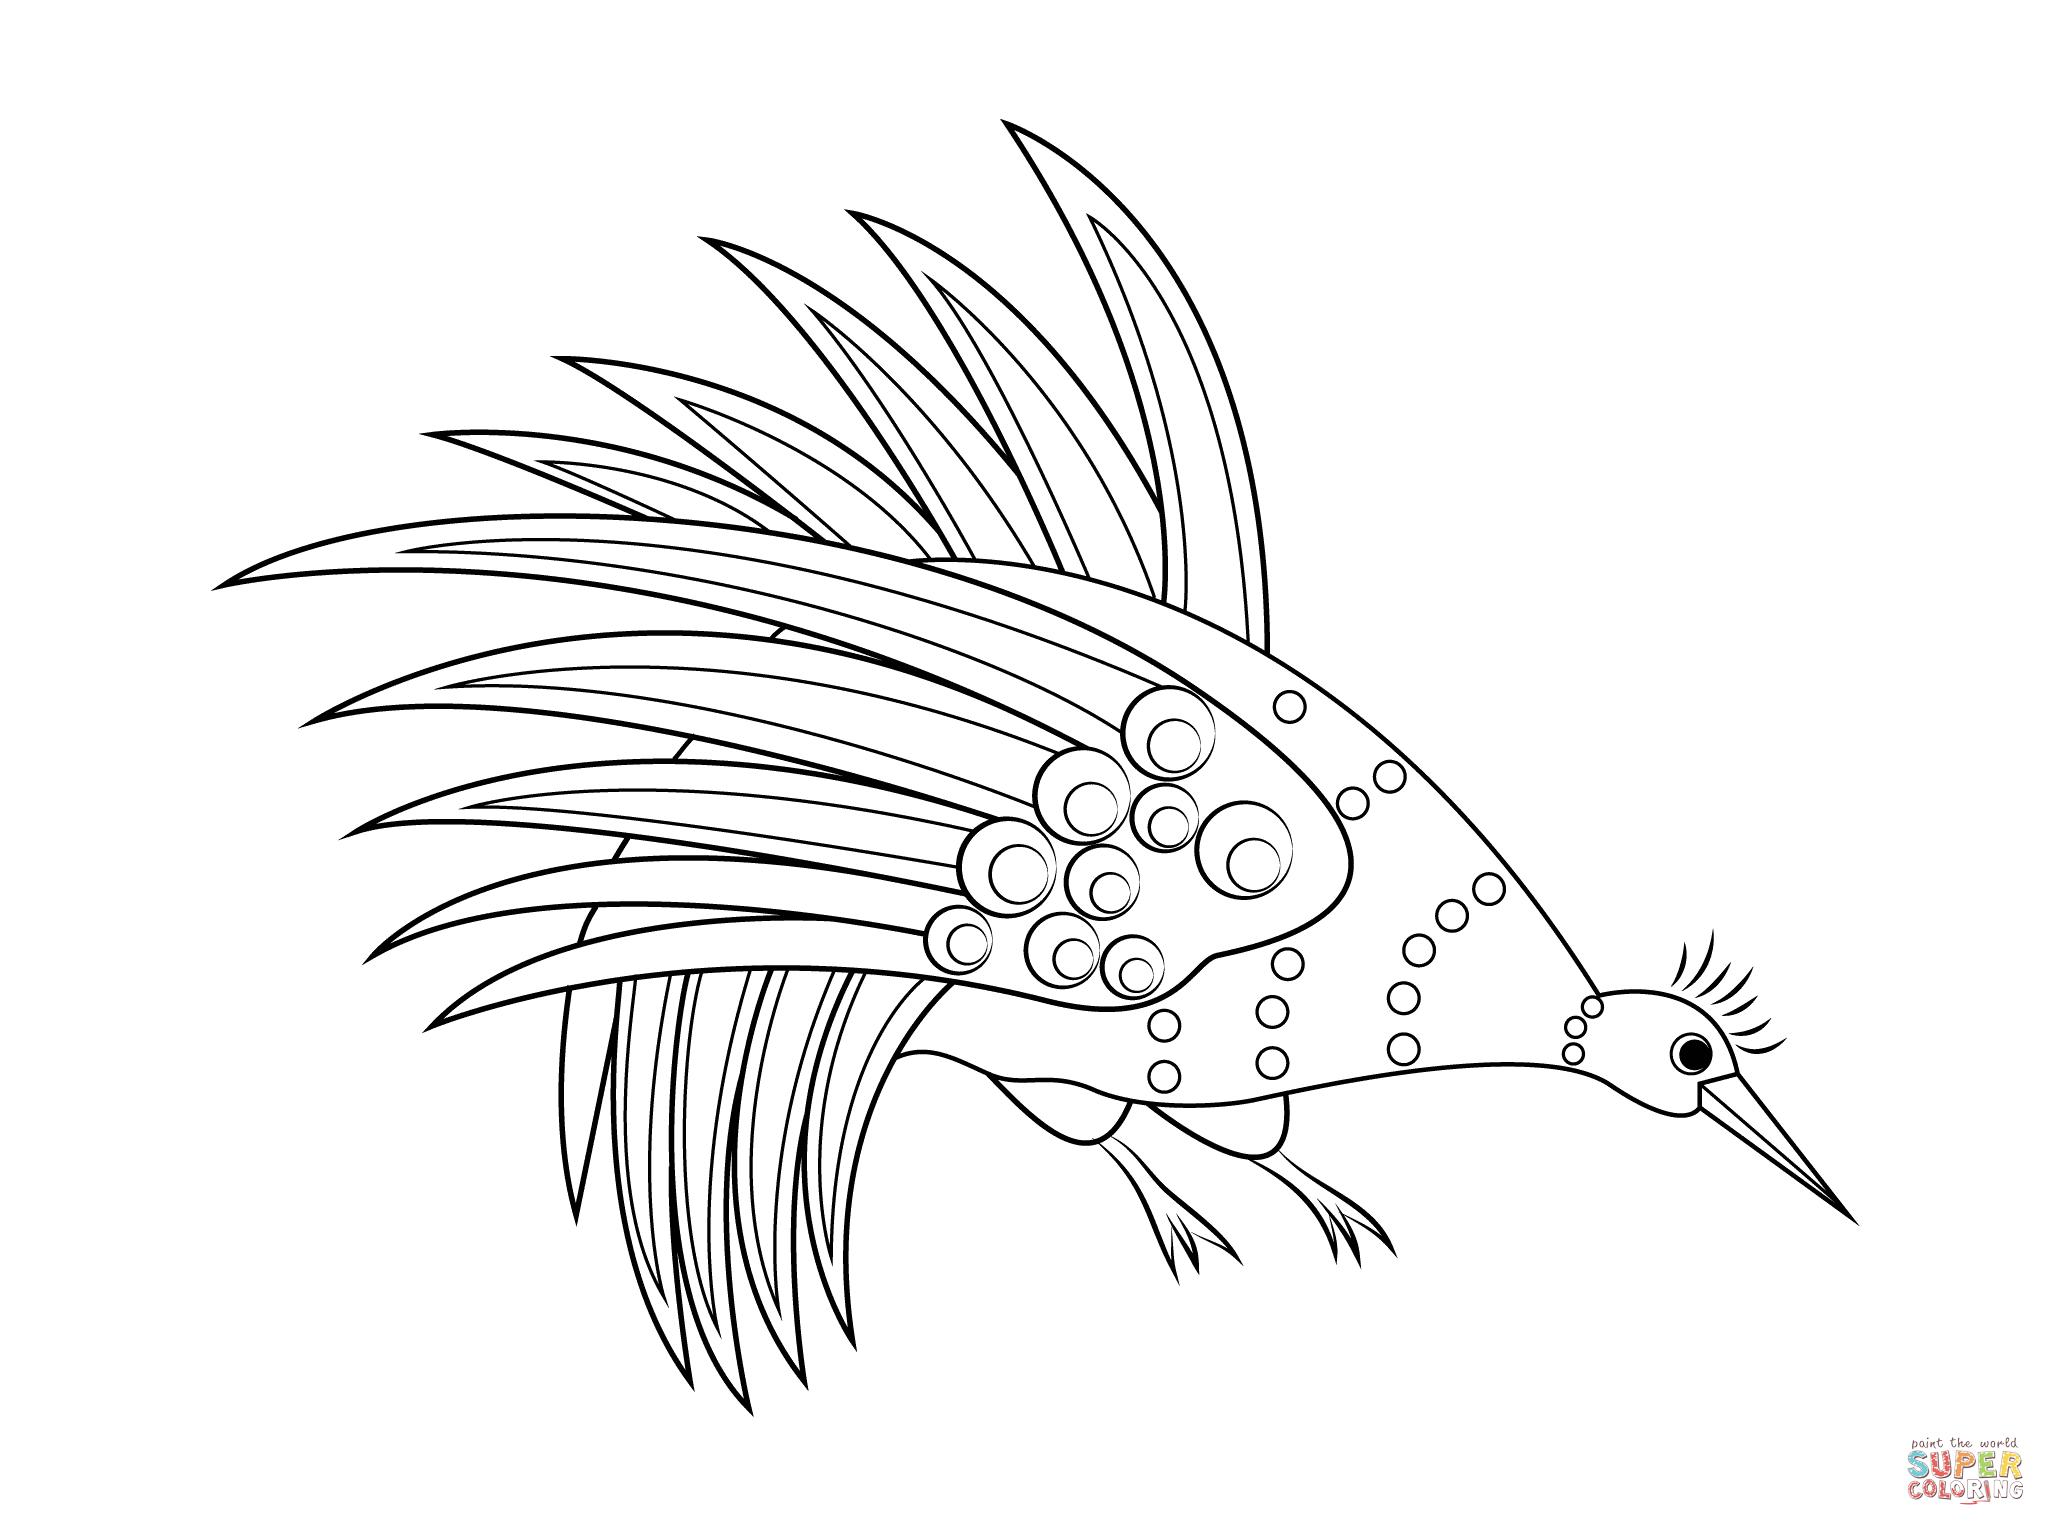 Dot Art Drawing At Getdrawings